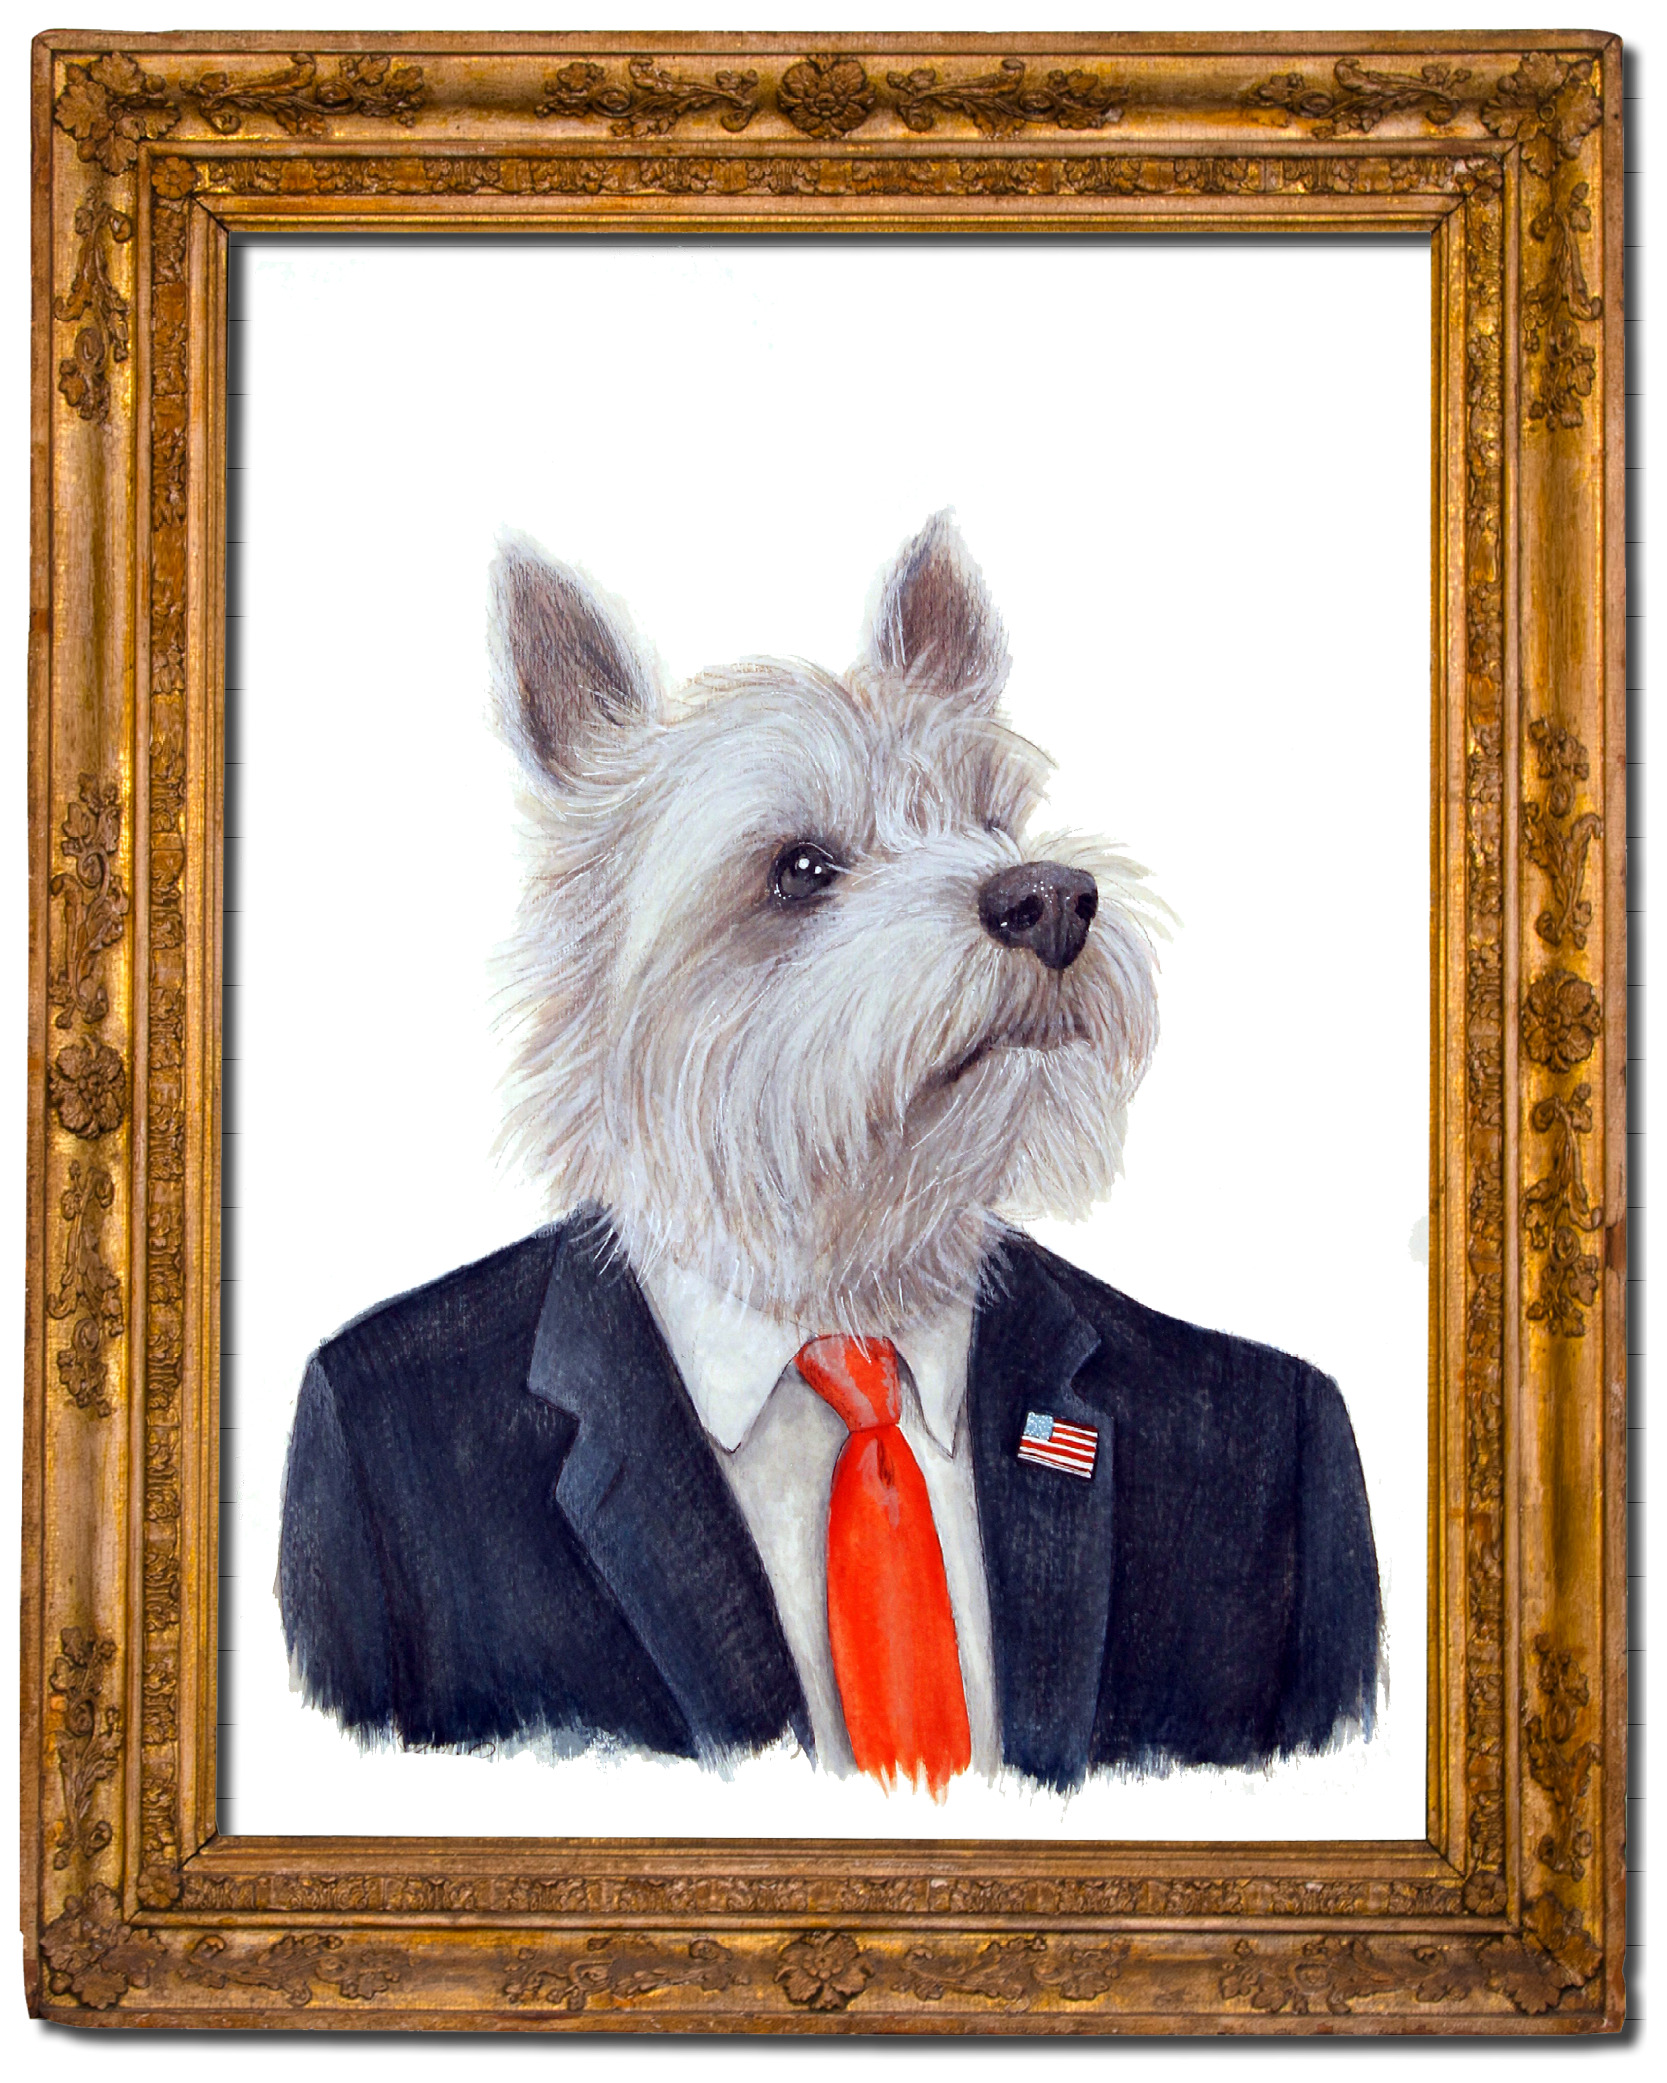 Gus, Mr. President